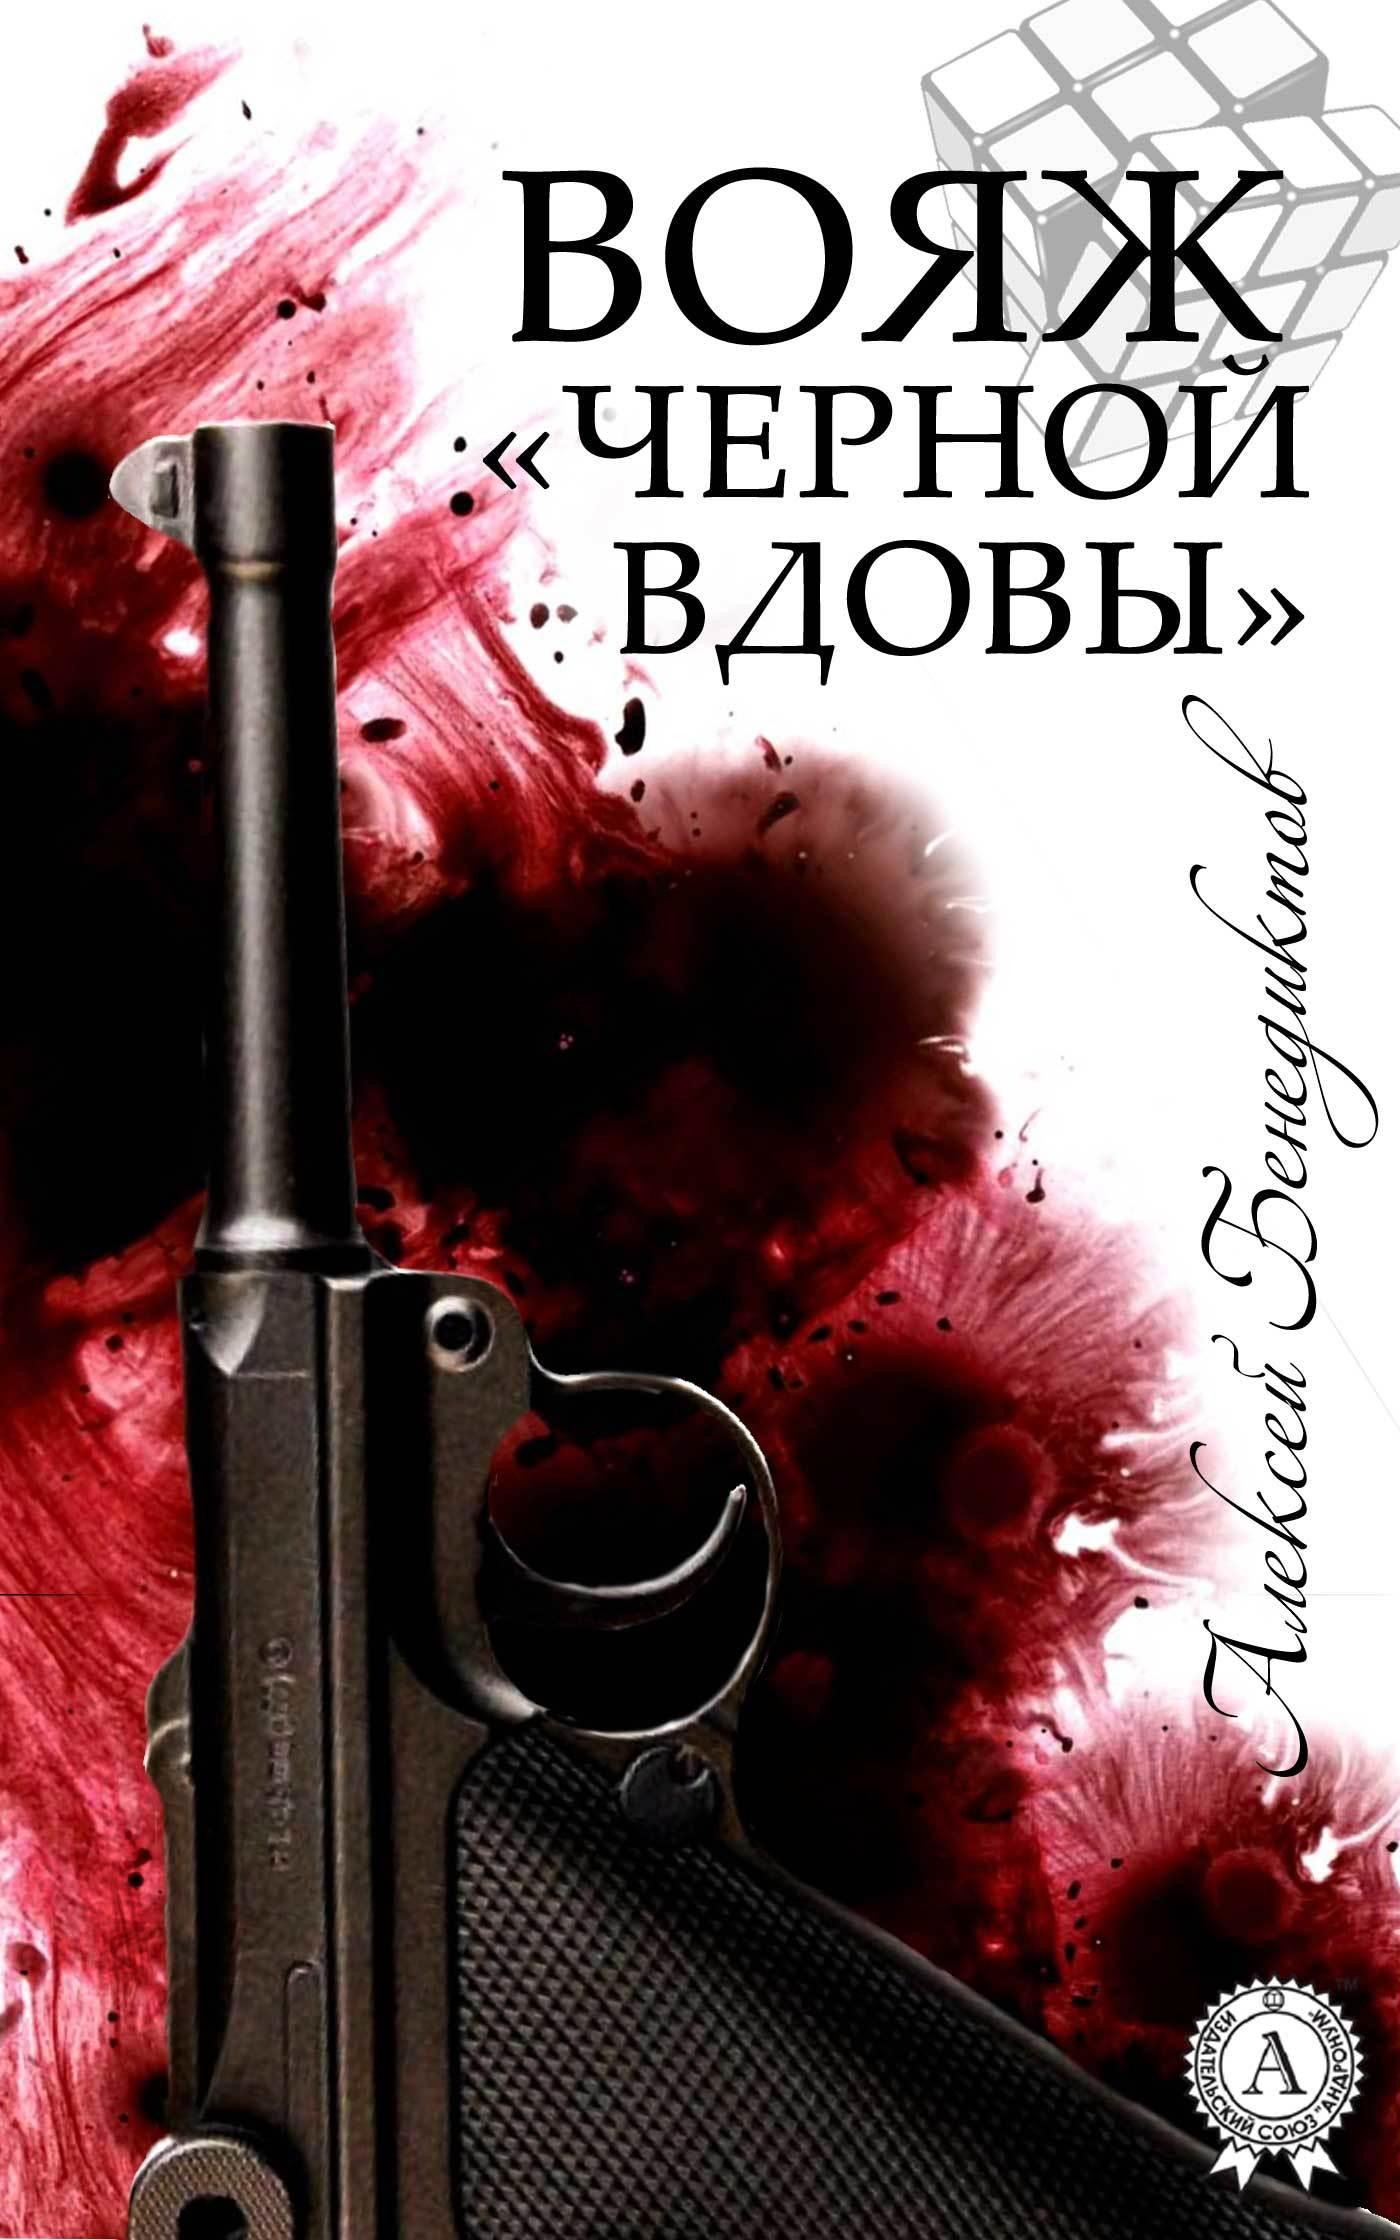 Алексей Бенедиктов - Вояж «Черной вдовы»